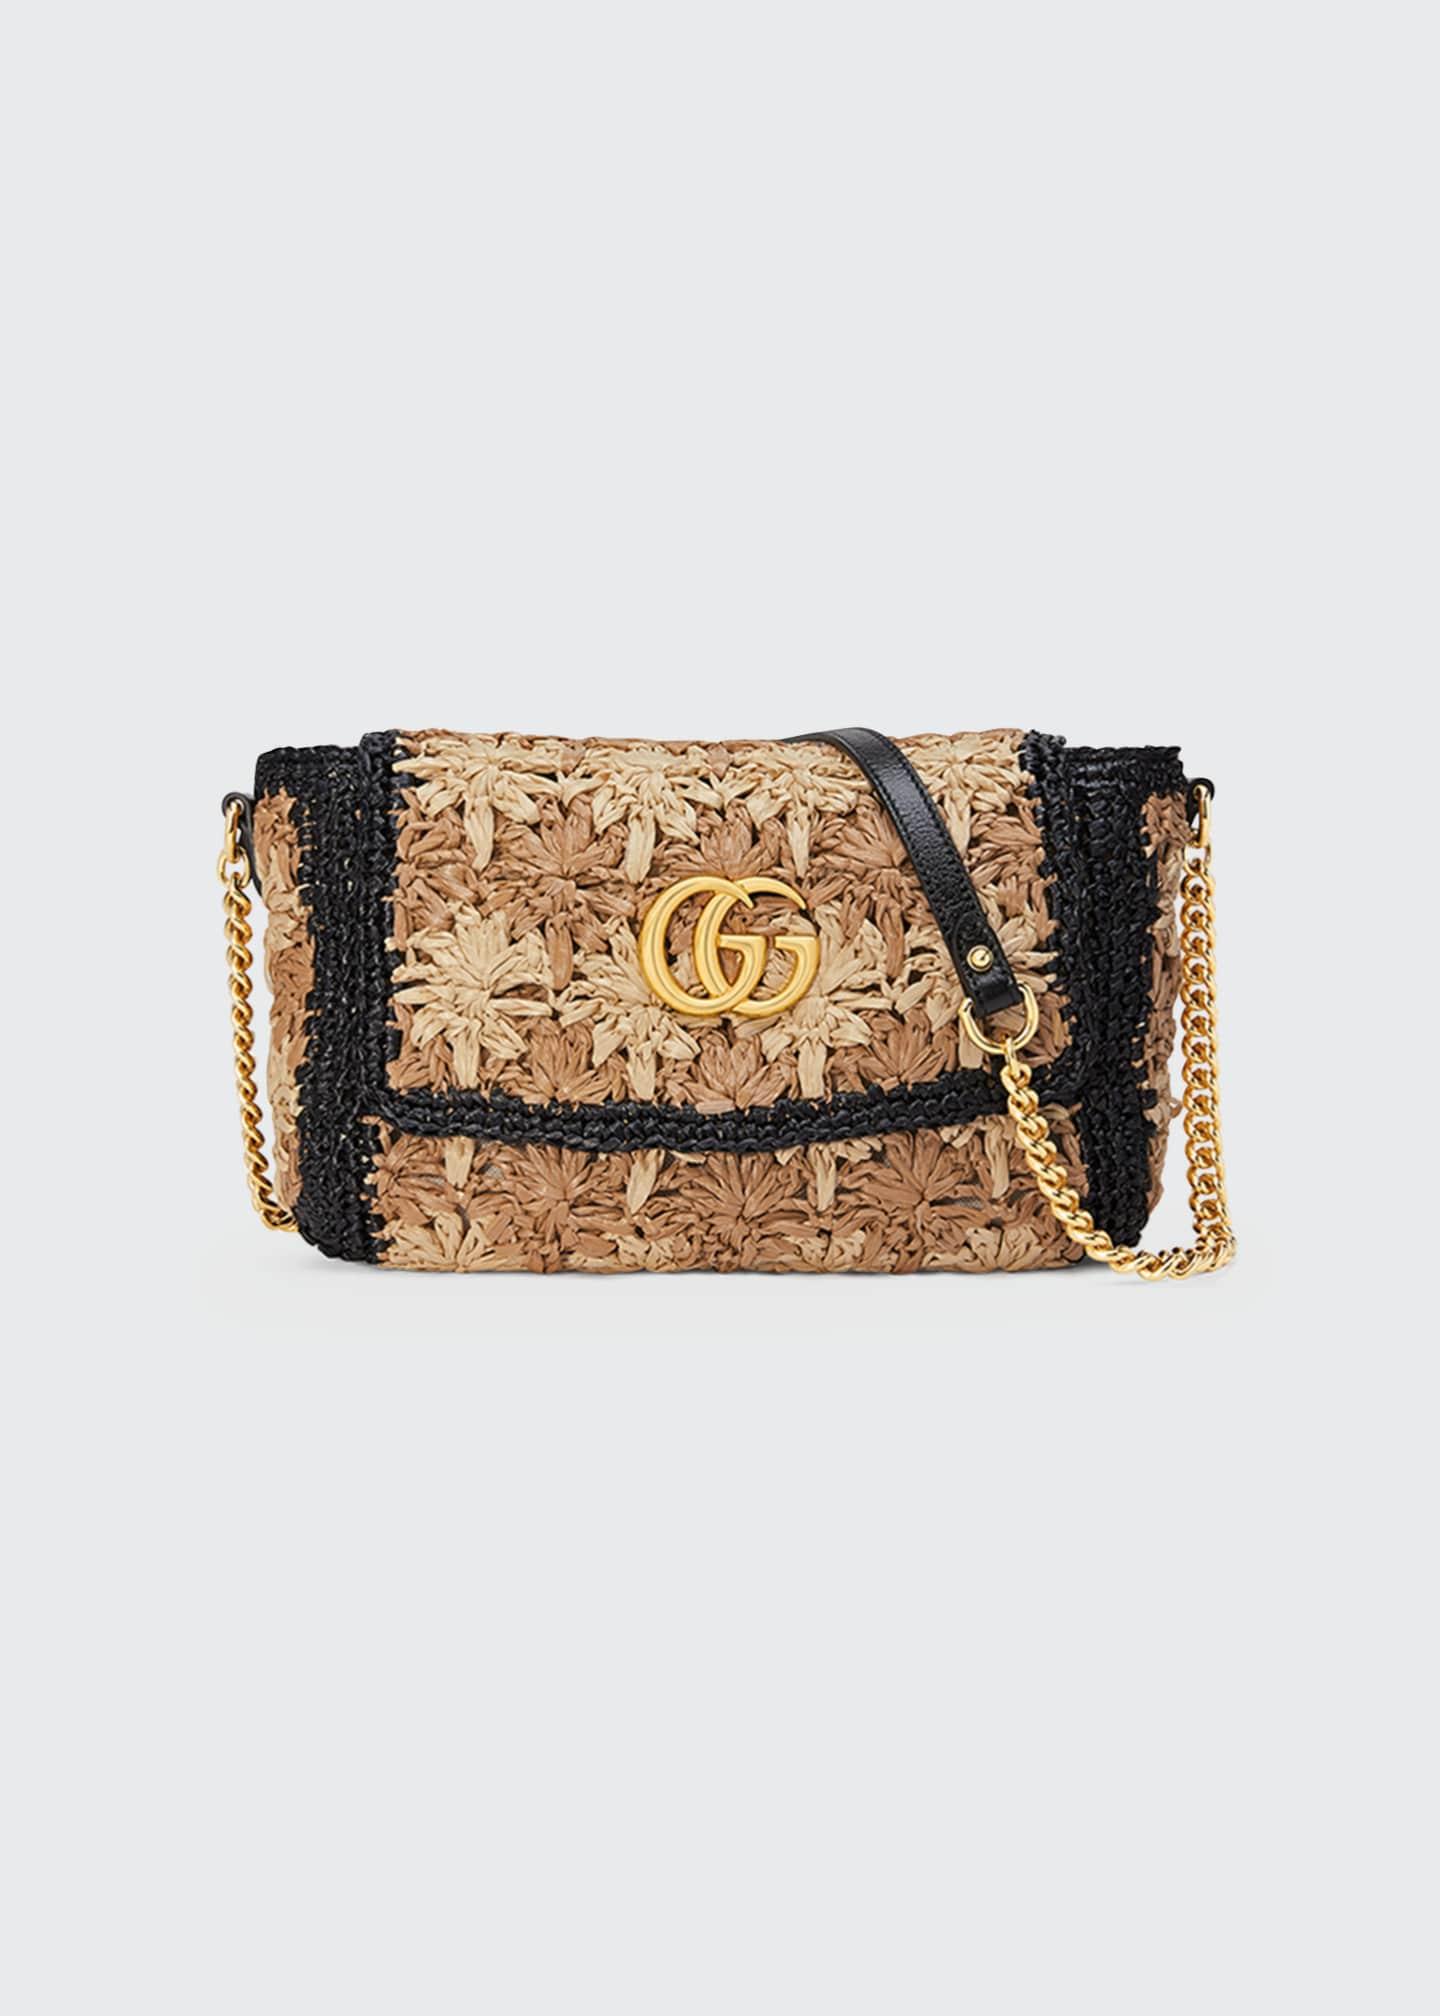 Gucci GG Marmont 2.0 Small Raffia Shoulder Bag